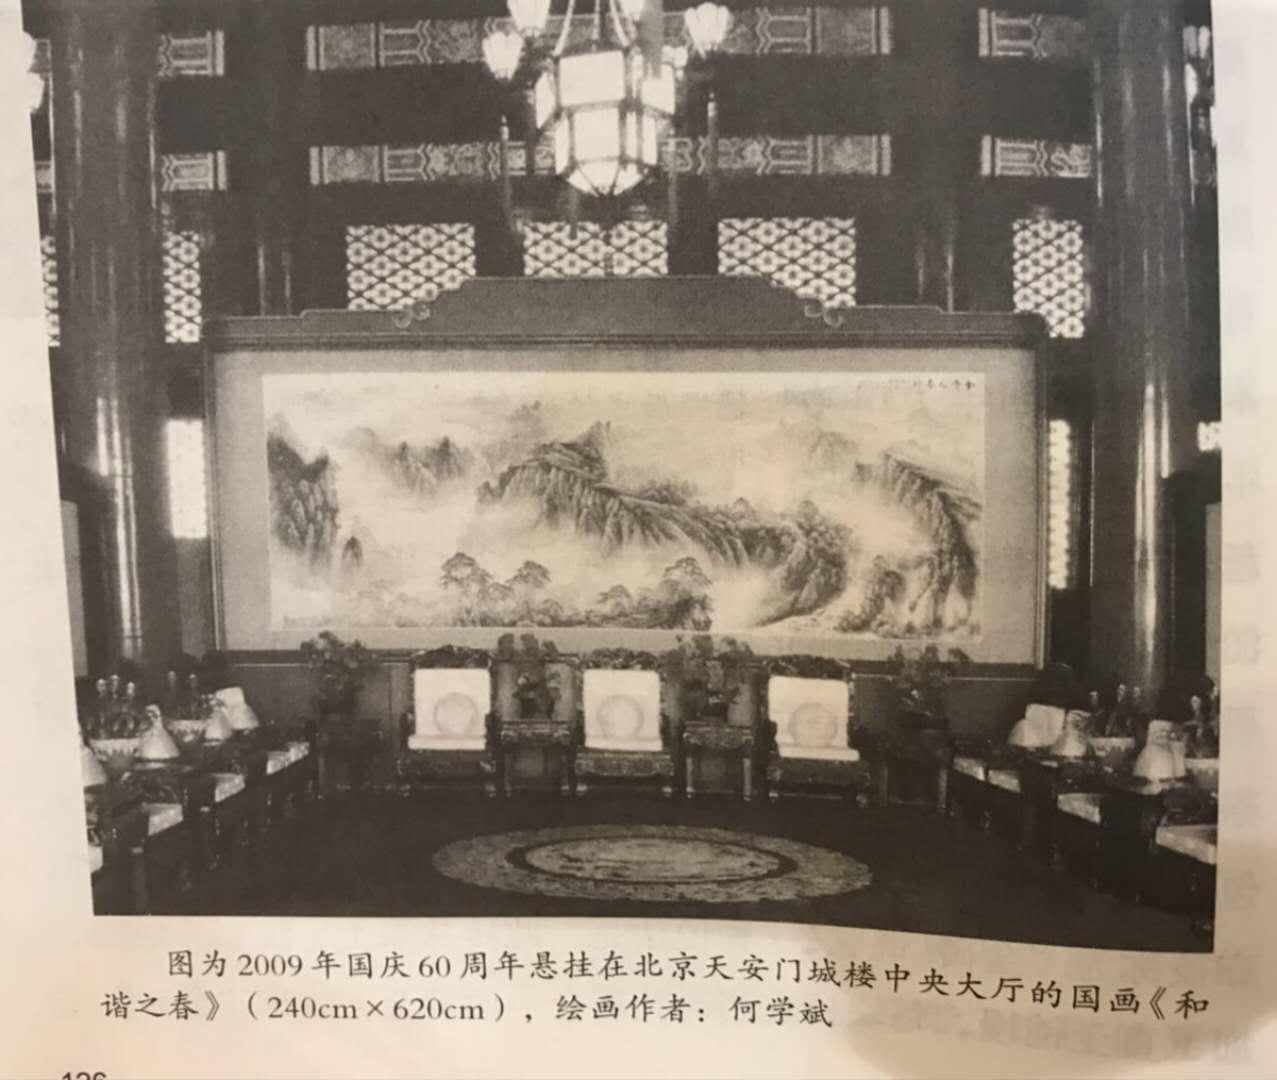 资料图:何学彬作品《和谐之春》在国庆60周年时 被选中挂在天安门城楼中央大厅